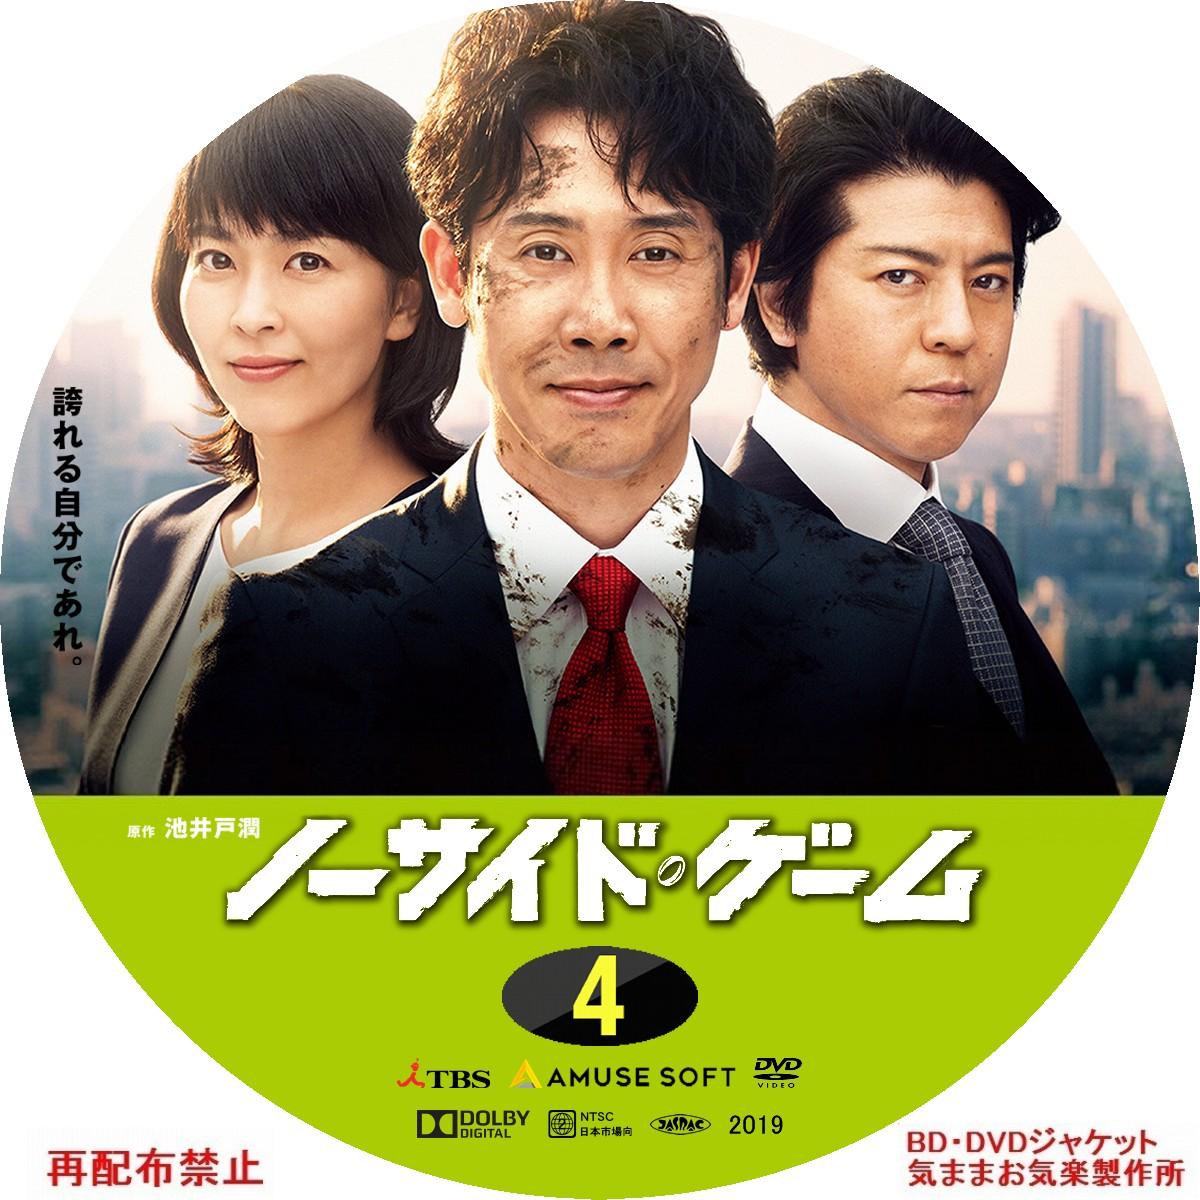 noside_game_DVD04.jpg